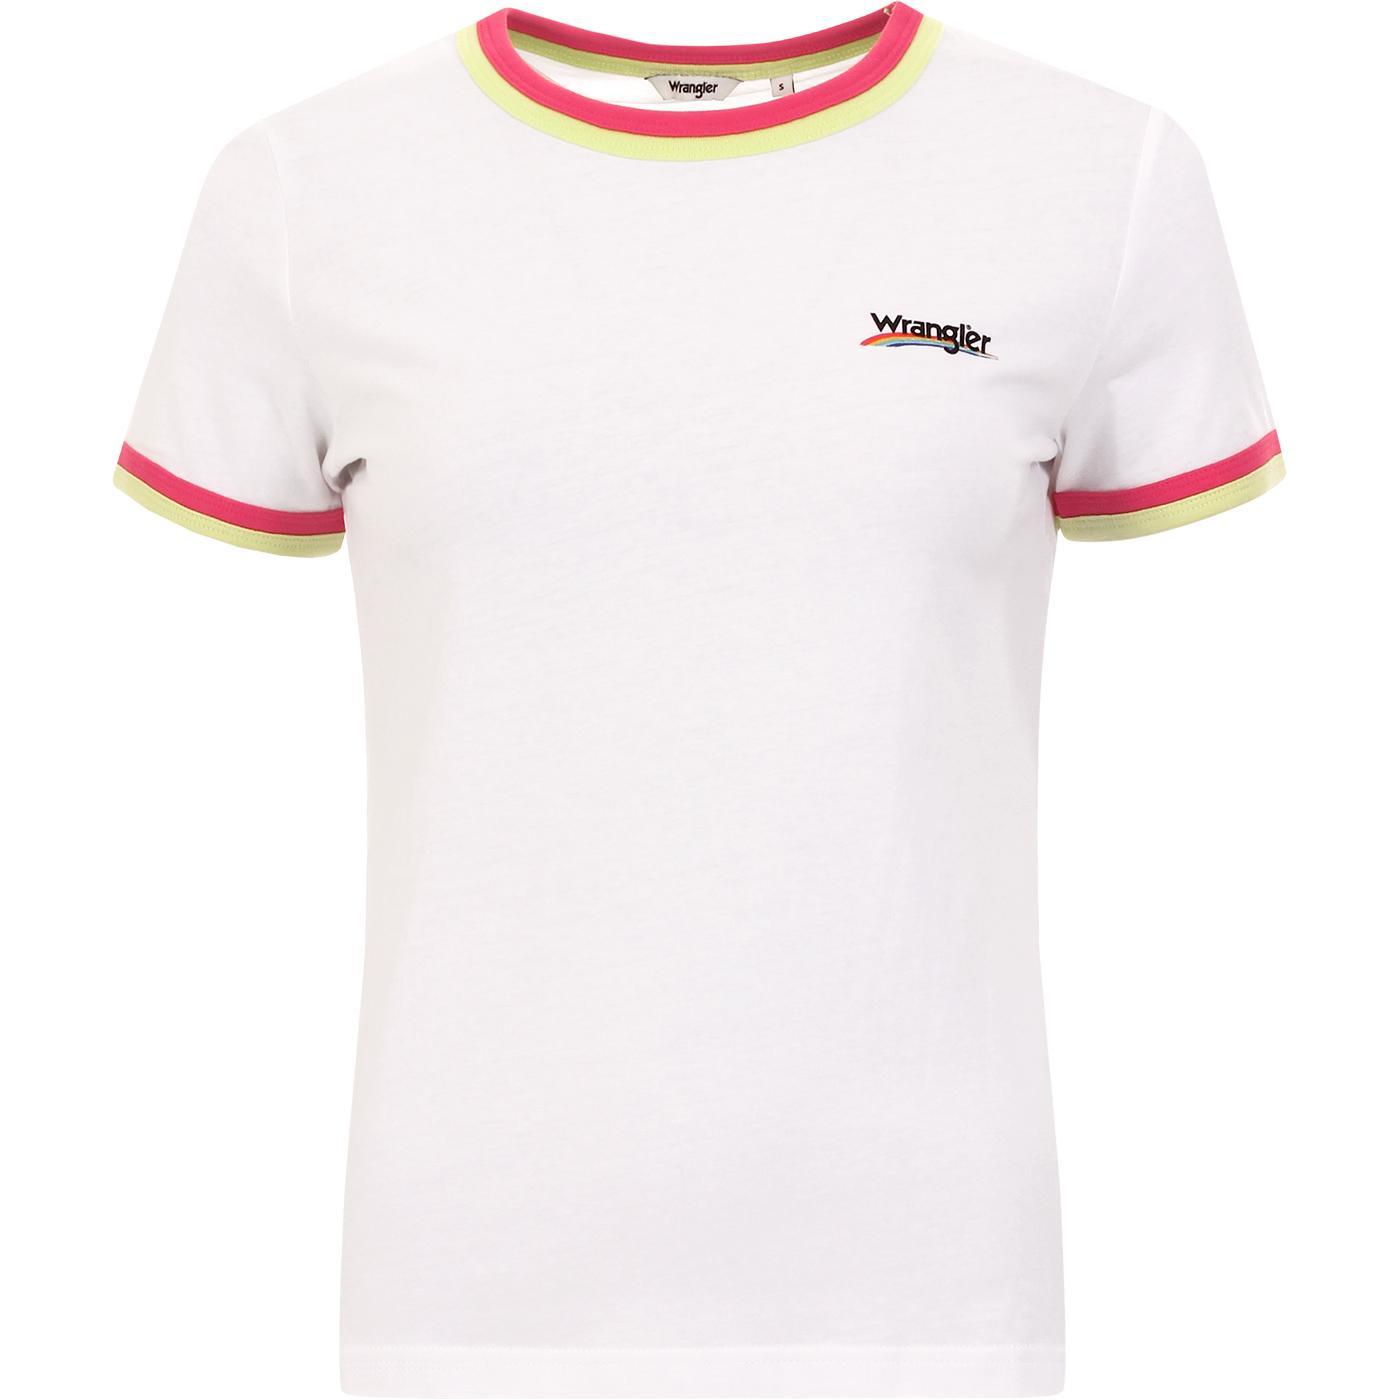 Double Ringer WRANGLER Retro Logo Tee WHITE